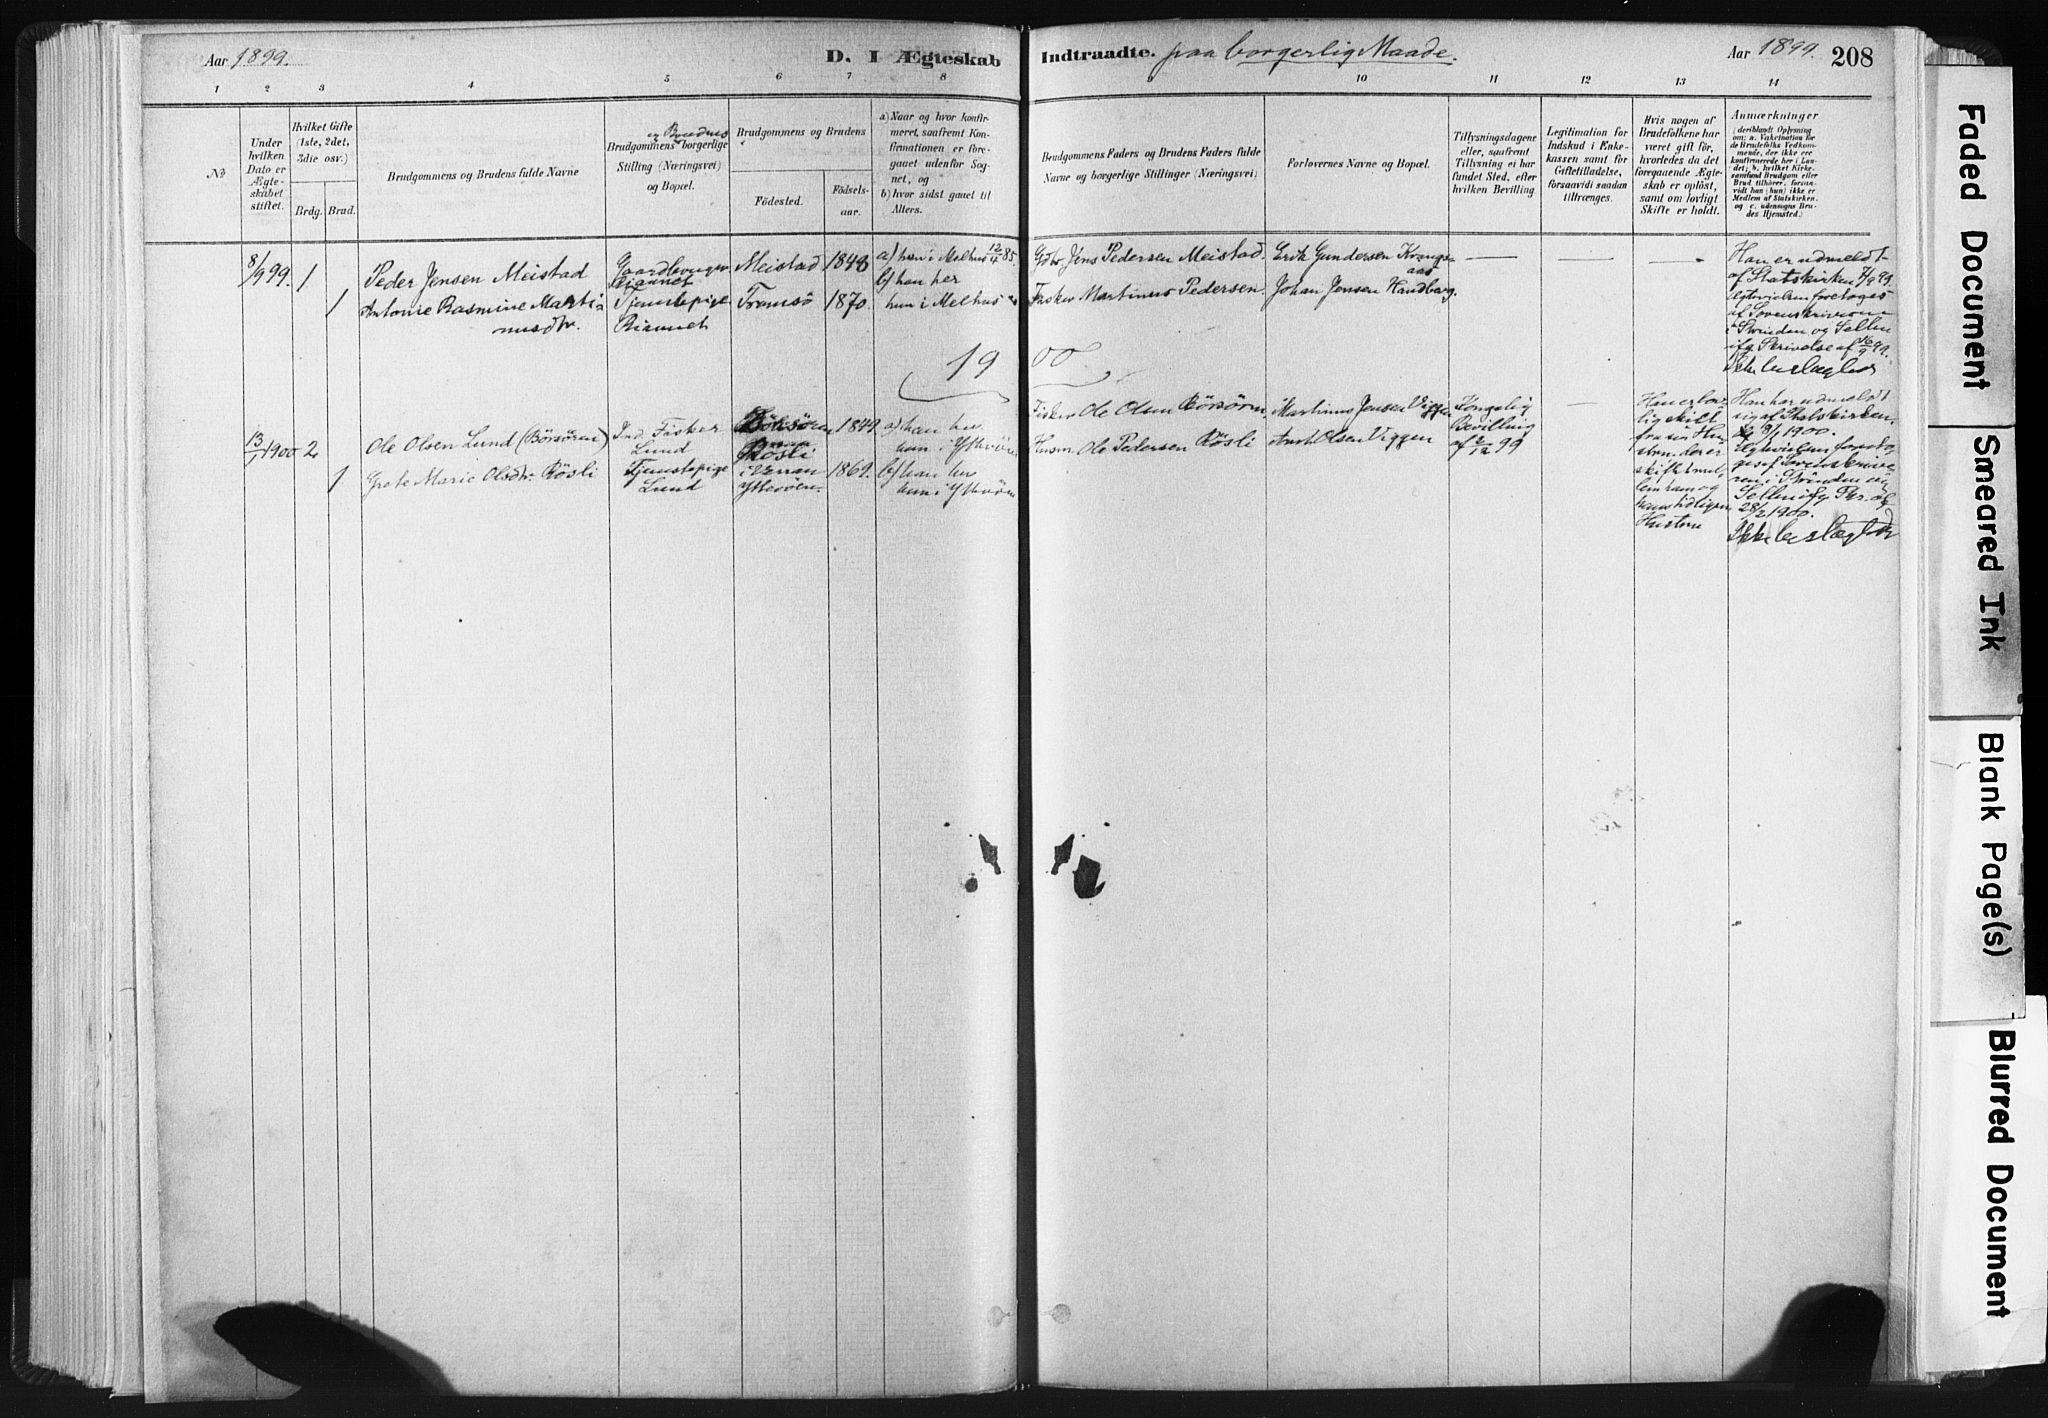 SAT, Ministerialprotokoller, klokkerbøker og fødselsregistre - Sør-Trøndelag, 665/L0773: Ministerialbok nr. 665A08, 1879-1905, s. 208